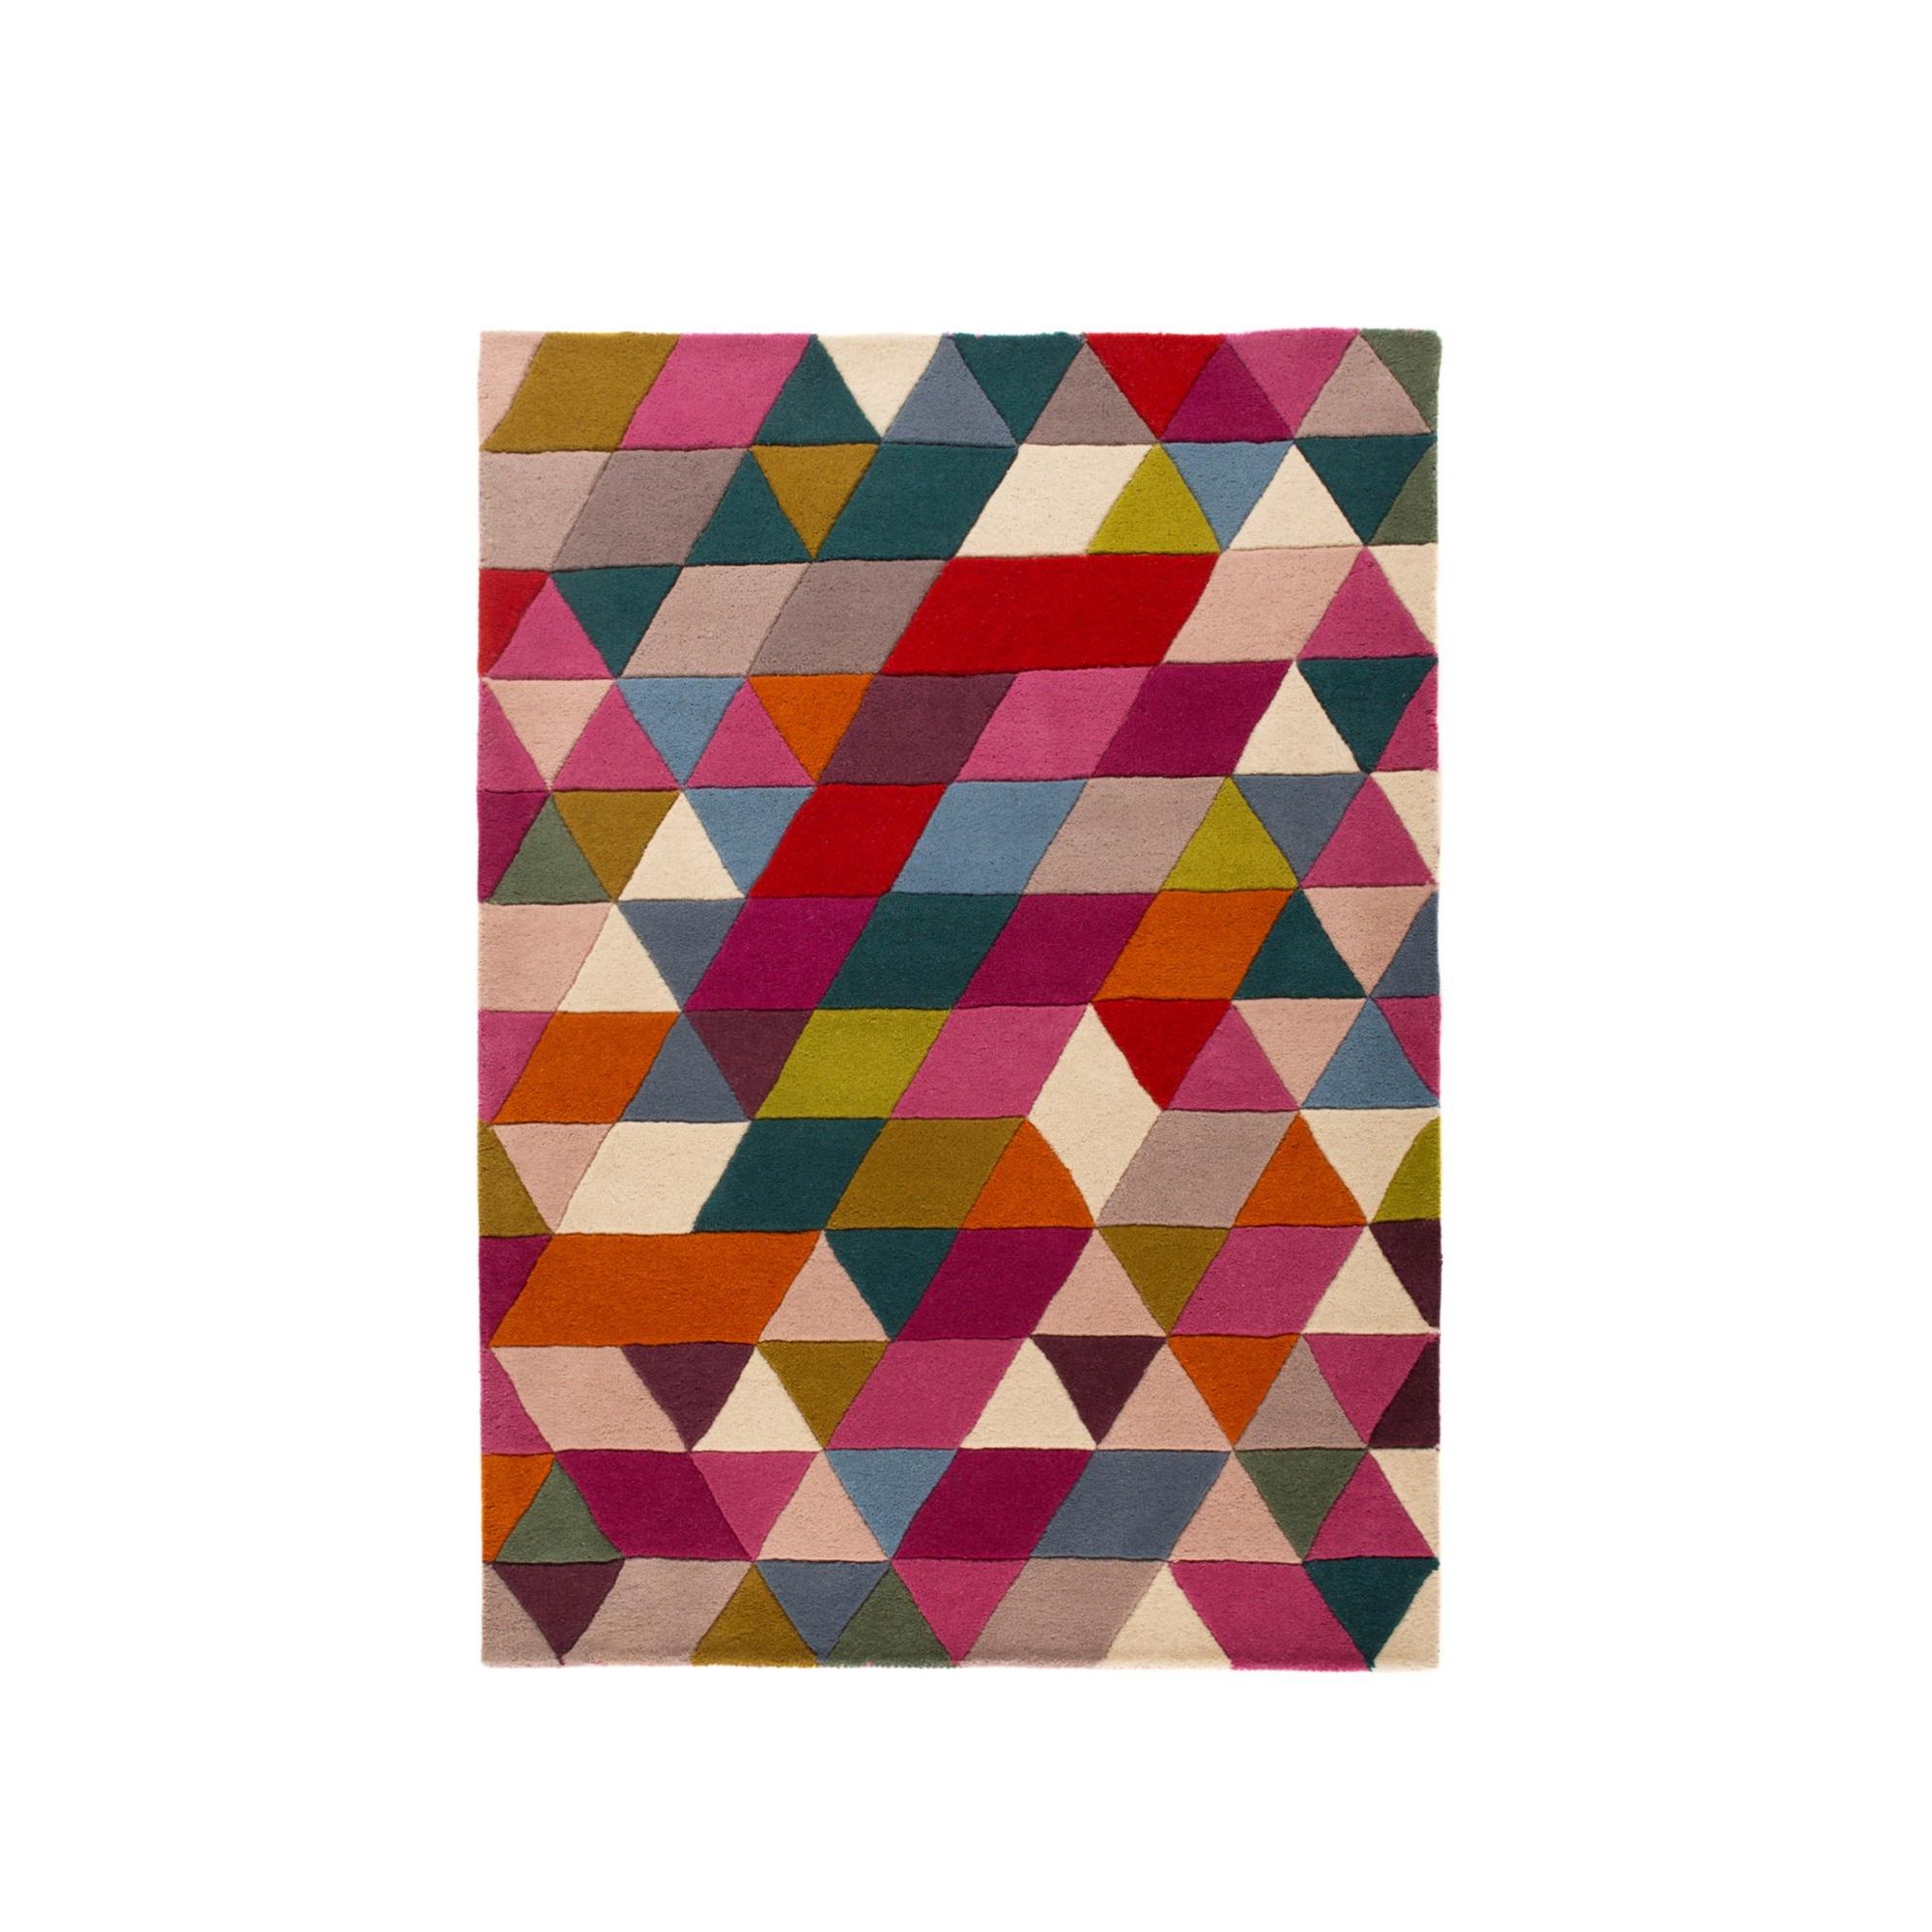 Flair Rugs Illusion Prism - Tapis en laine à motifs motifs motifs triangles (FR127) | Outlet Online Store  a1ec1d